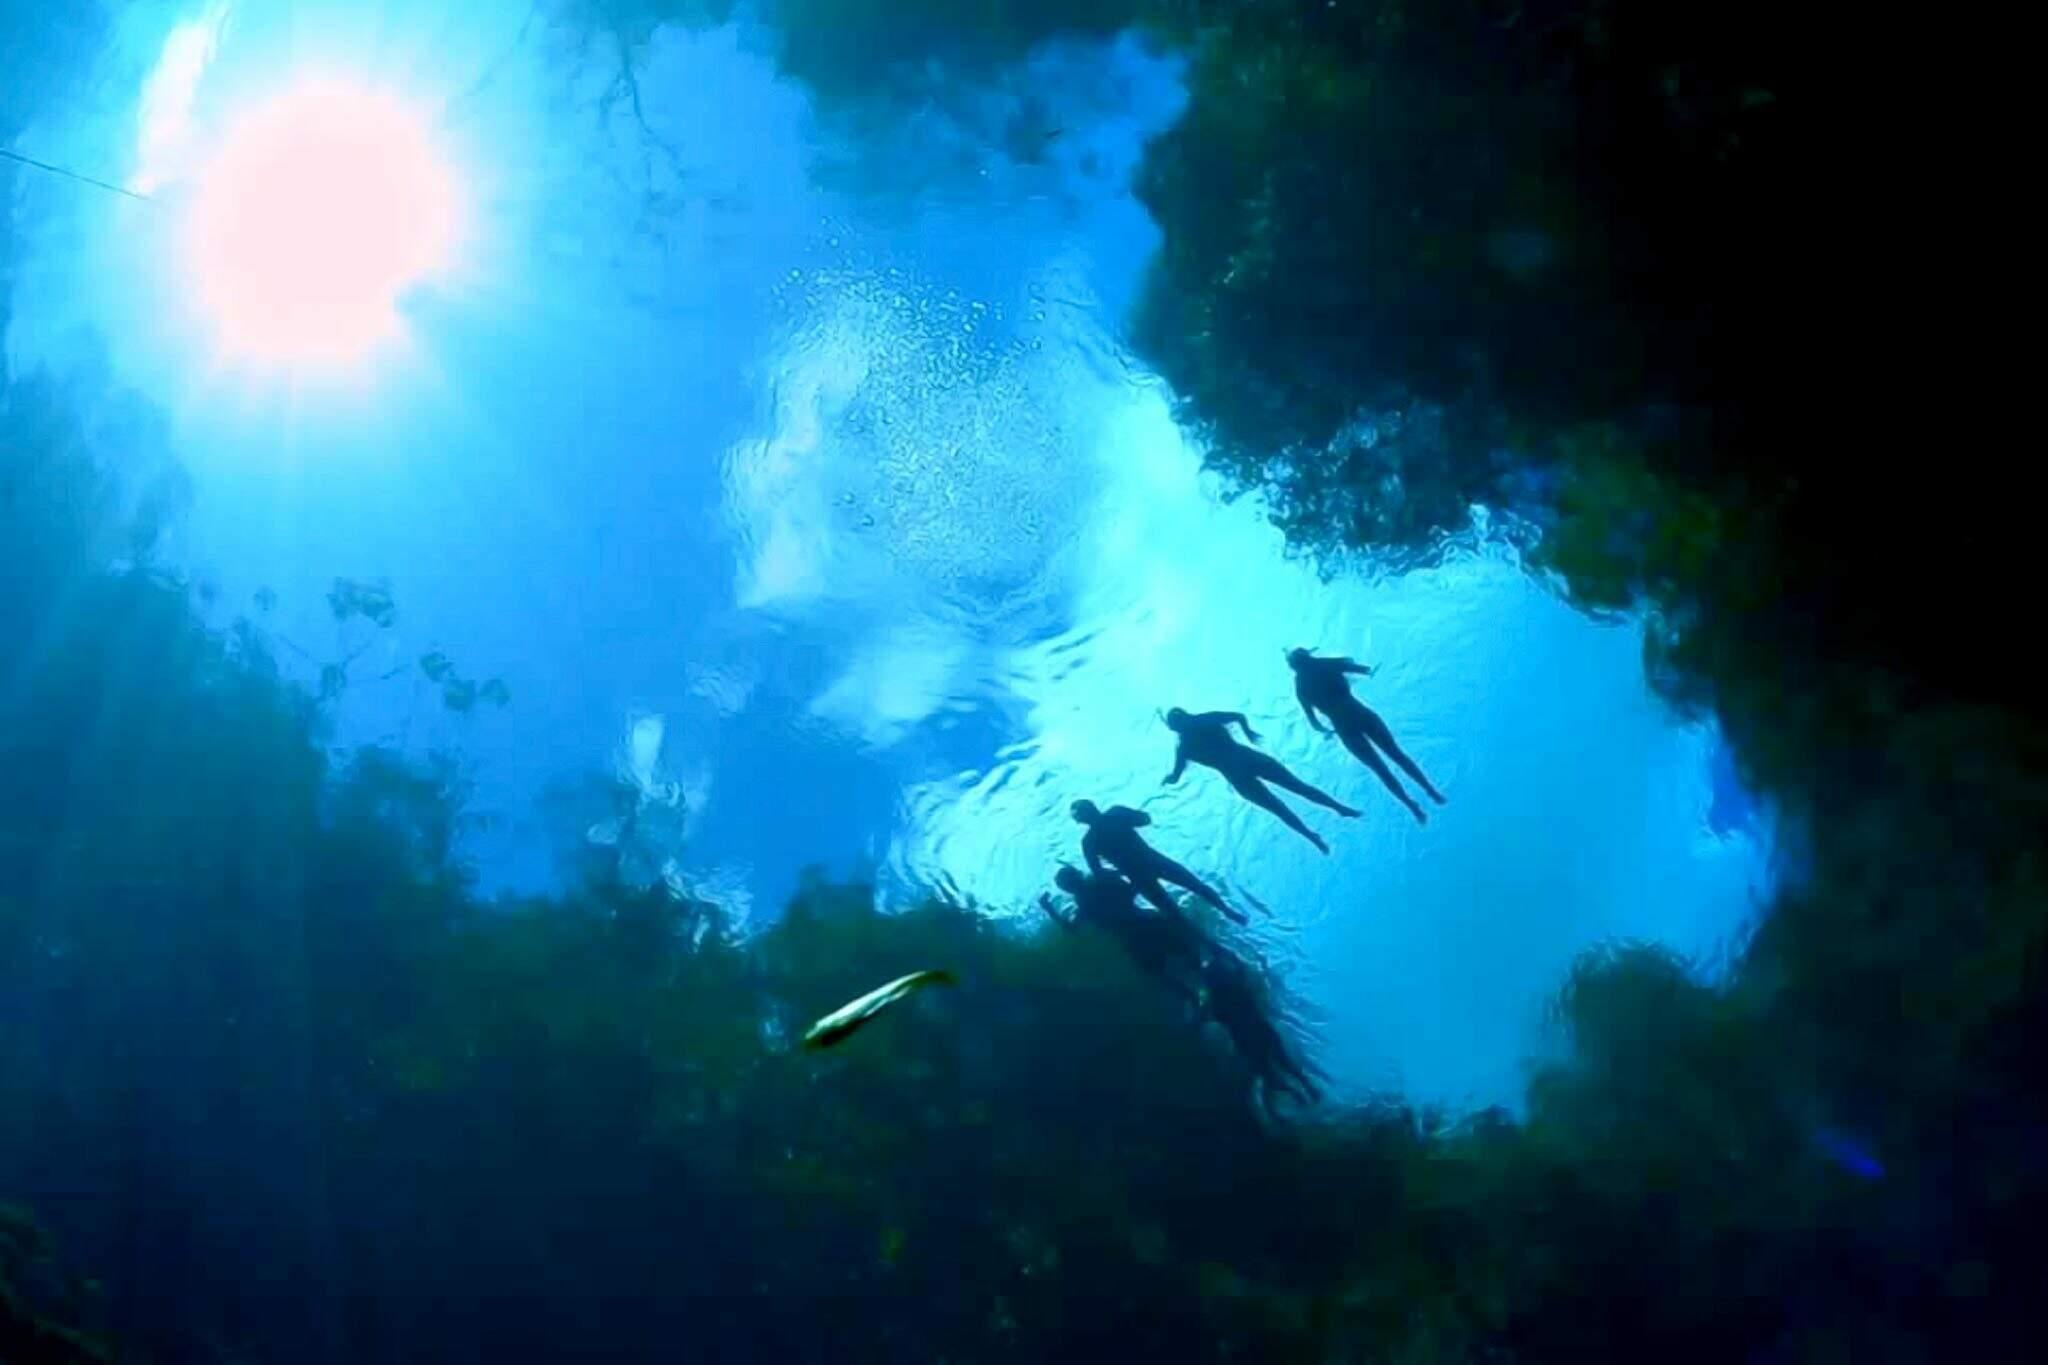 Em Jardim, a Lagoa Misterioso é lugar perfeito para fazer flutuação (Foto: Divulgação)